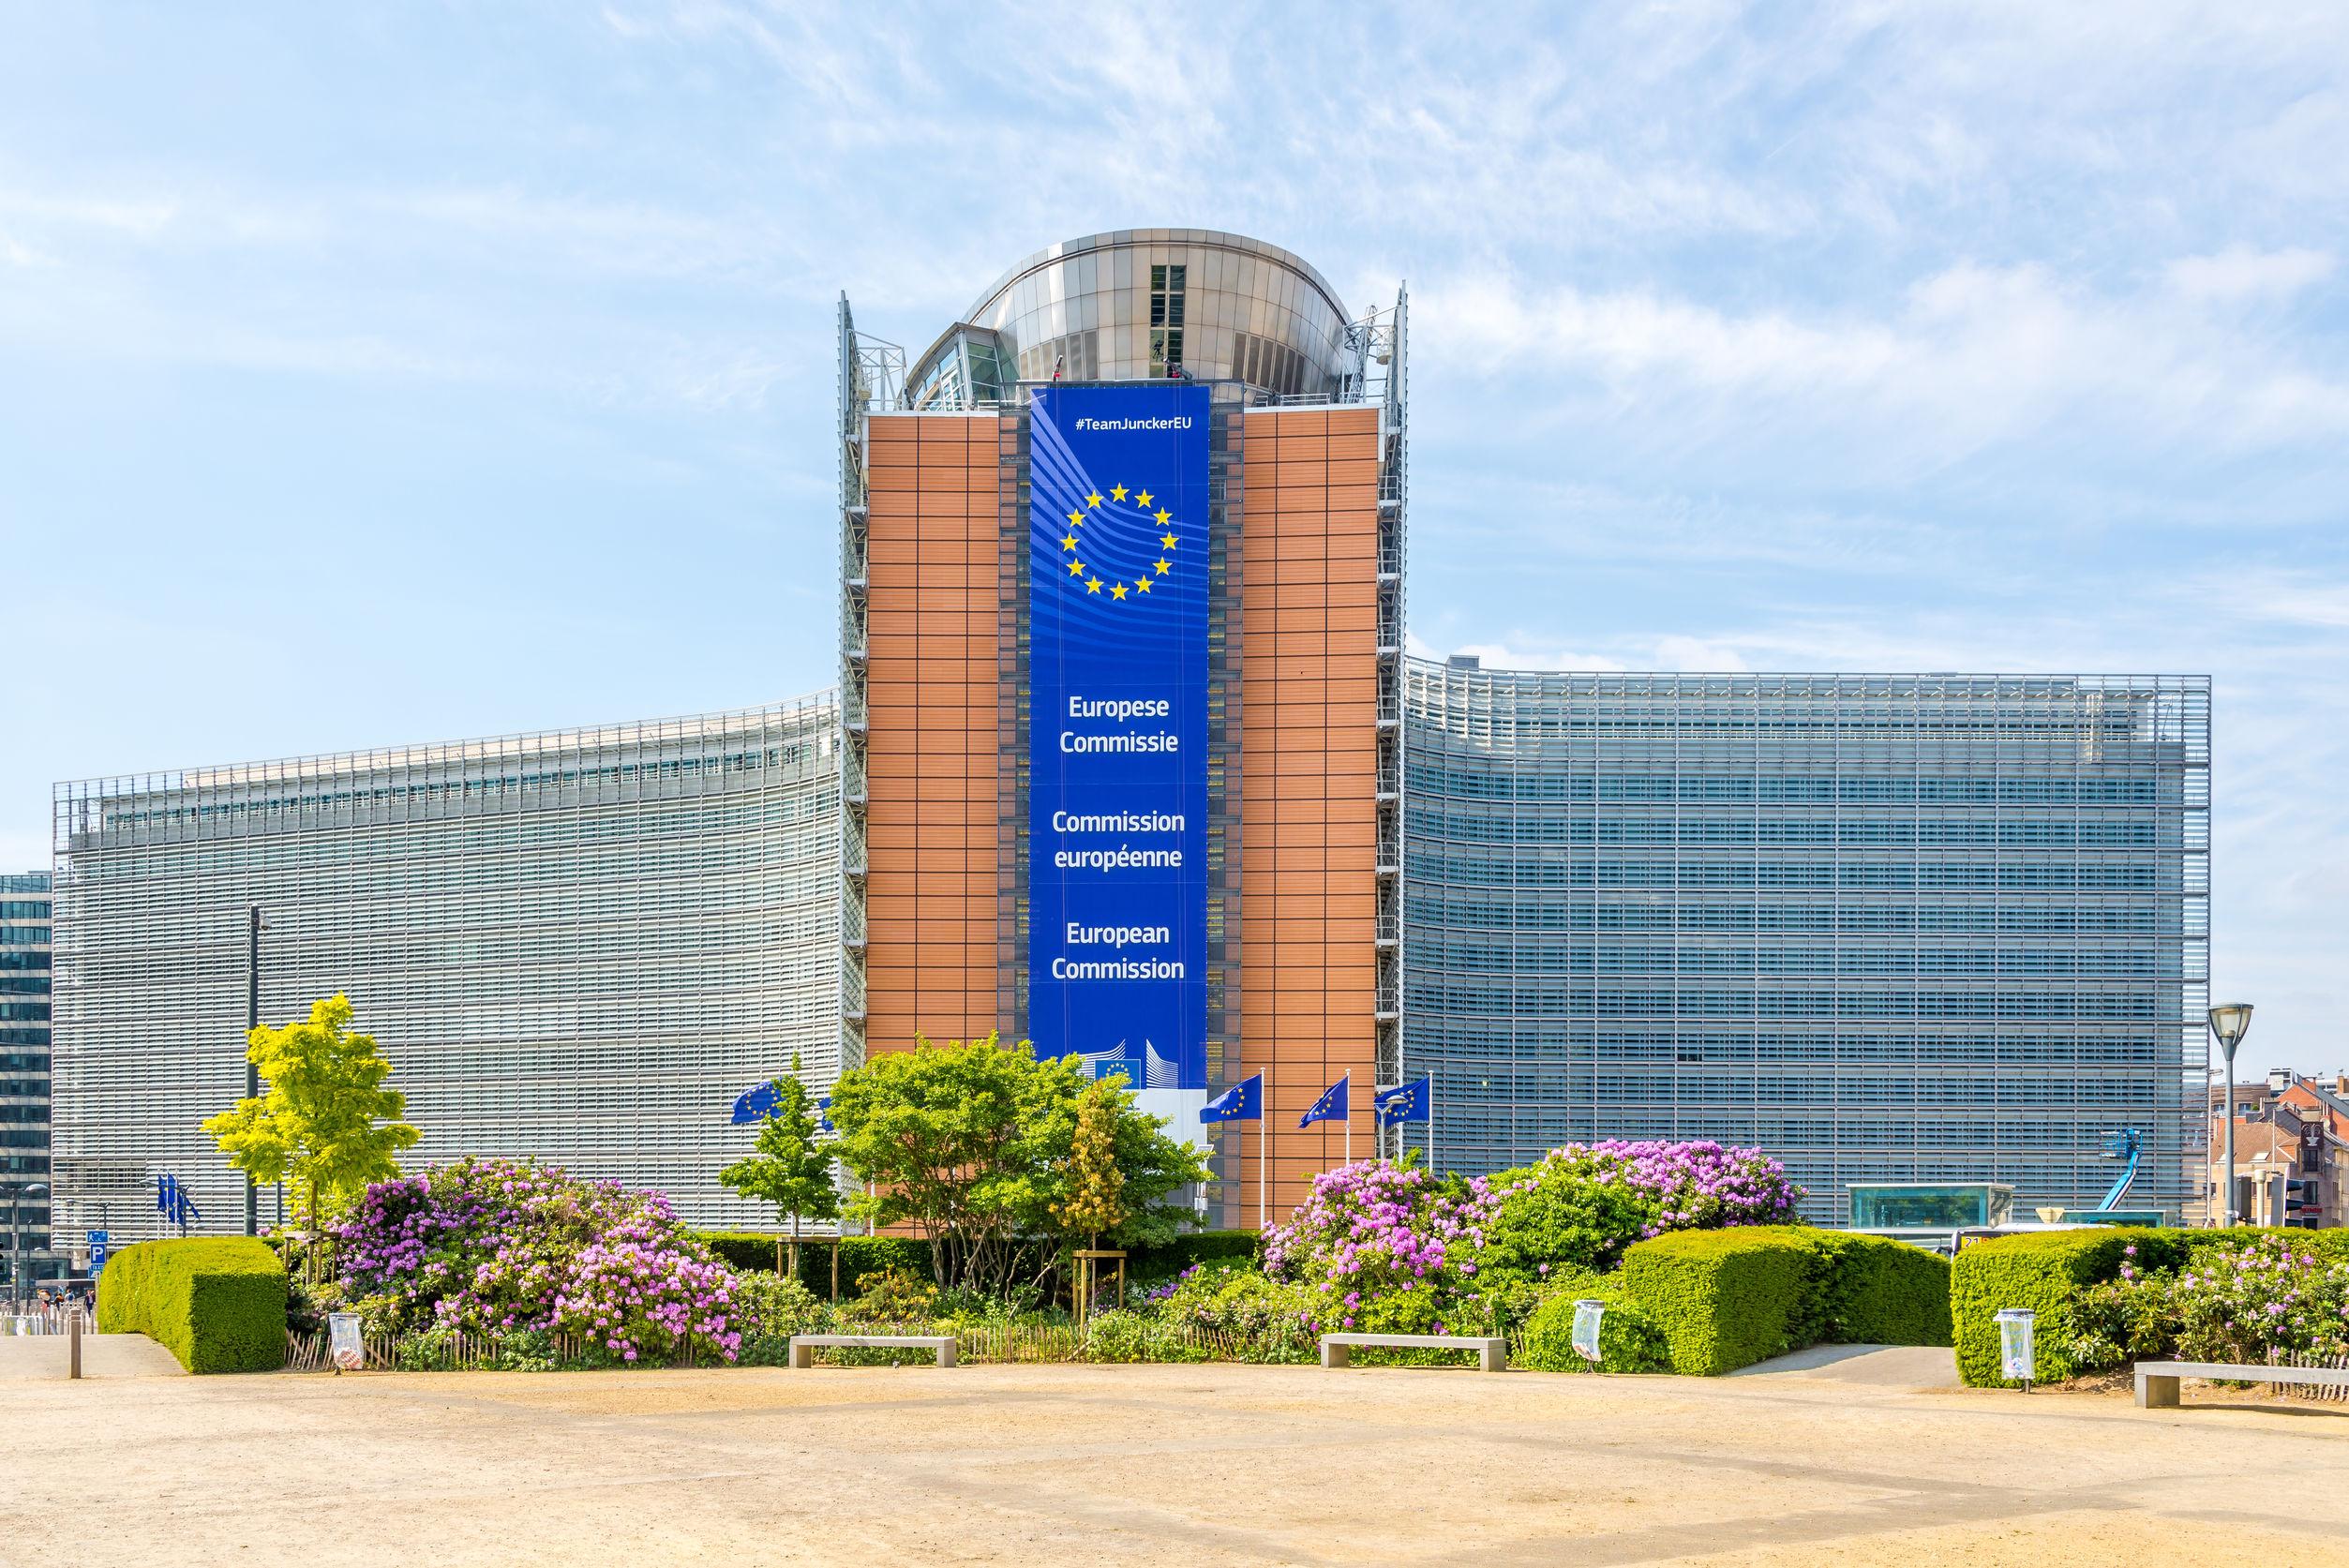 Planul CE de redresare economică pentru Europa: fonduri de 750 miliarde de euro